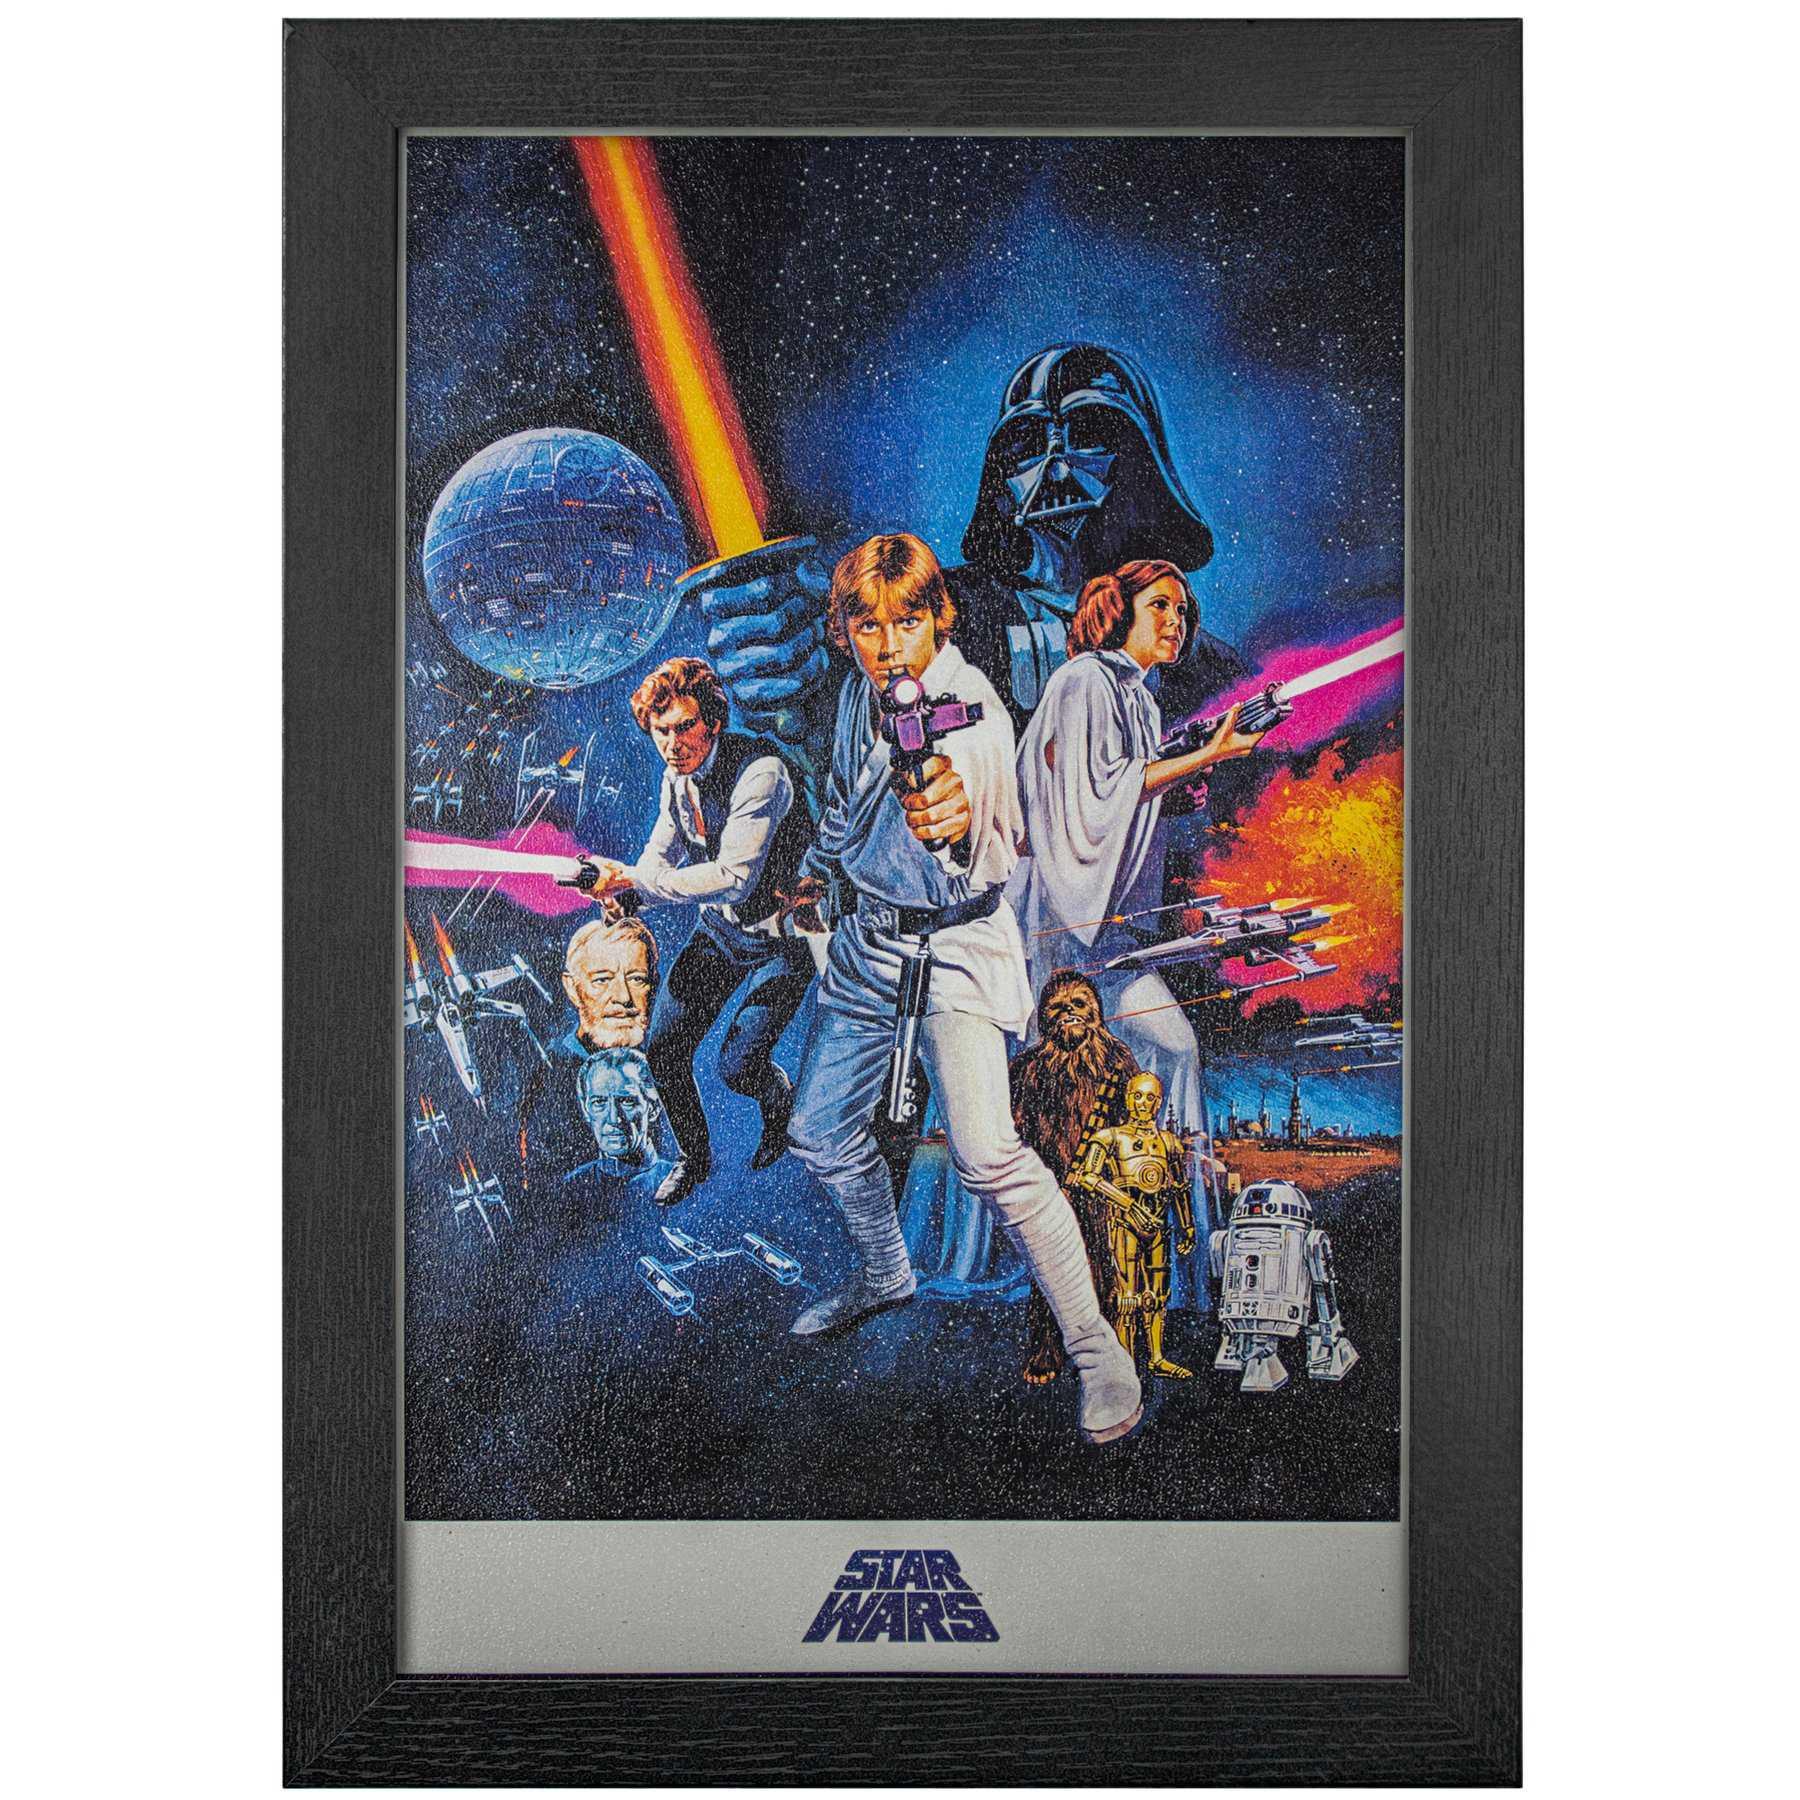 Licensed Framed Art - Star Wars a New Episode